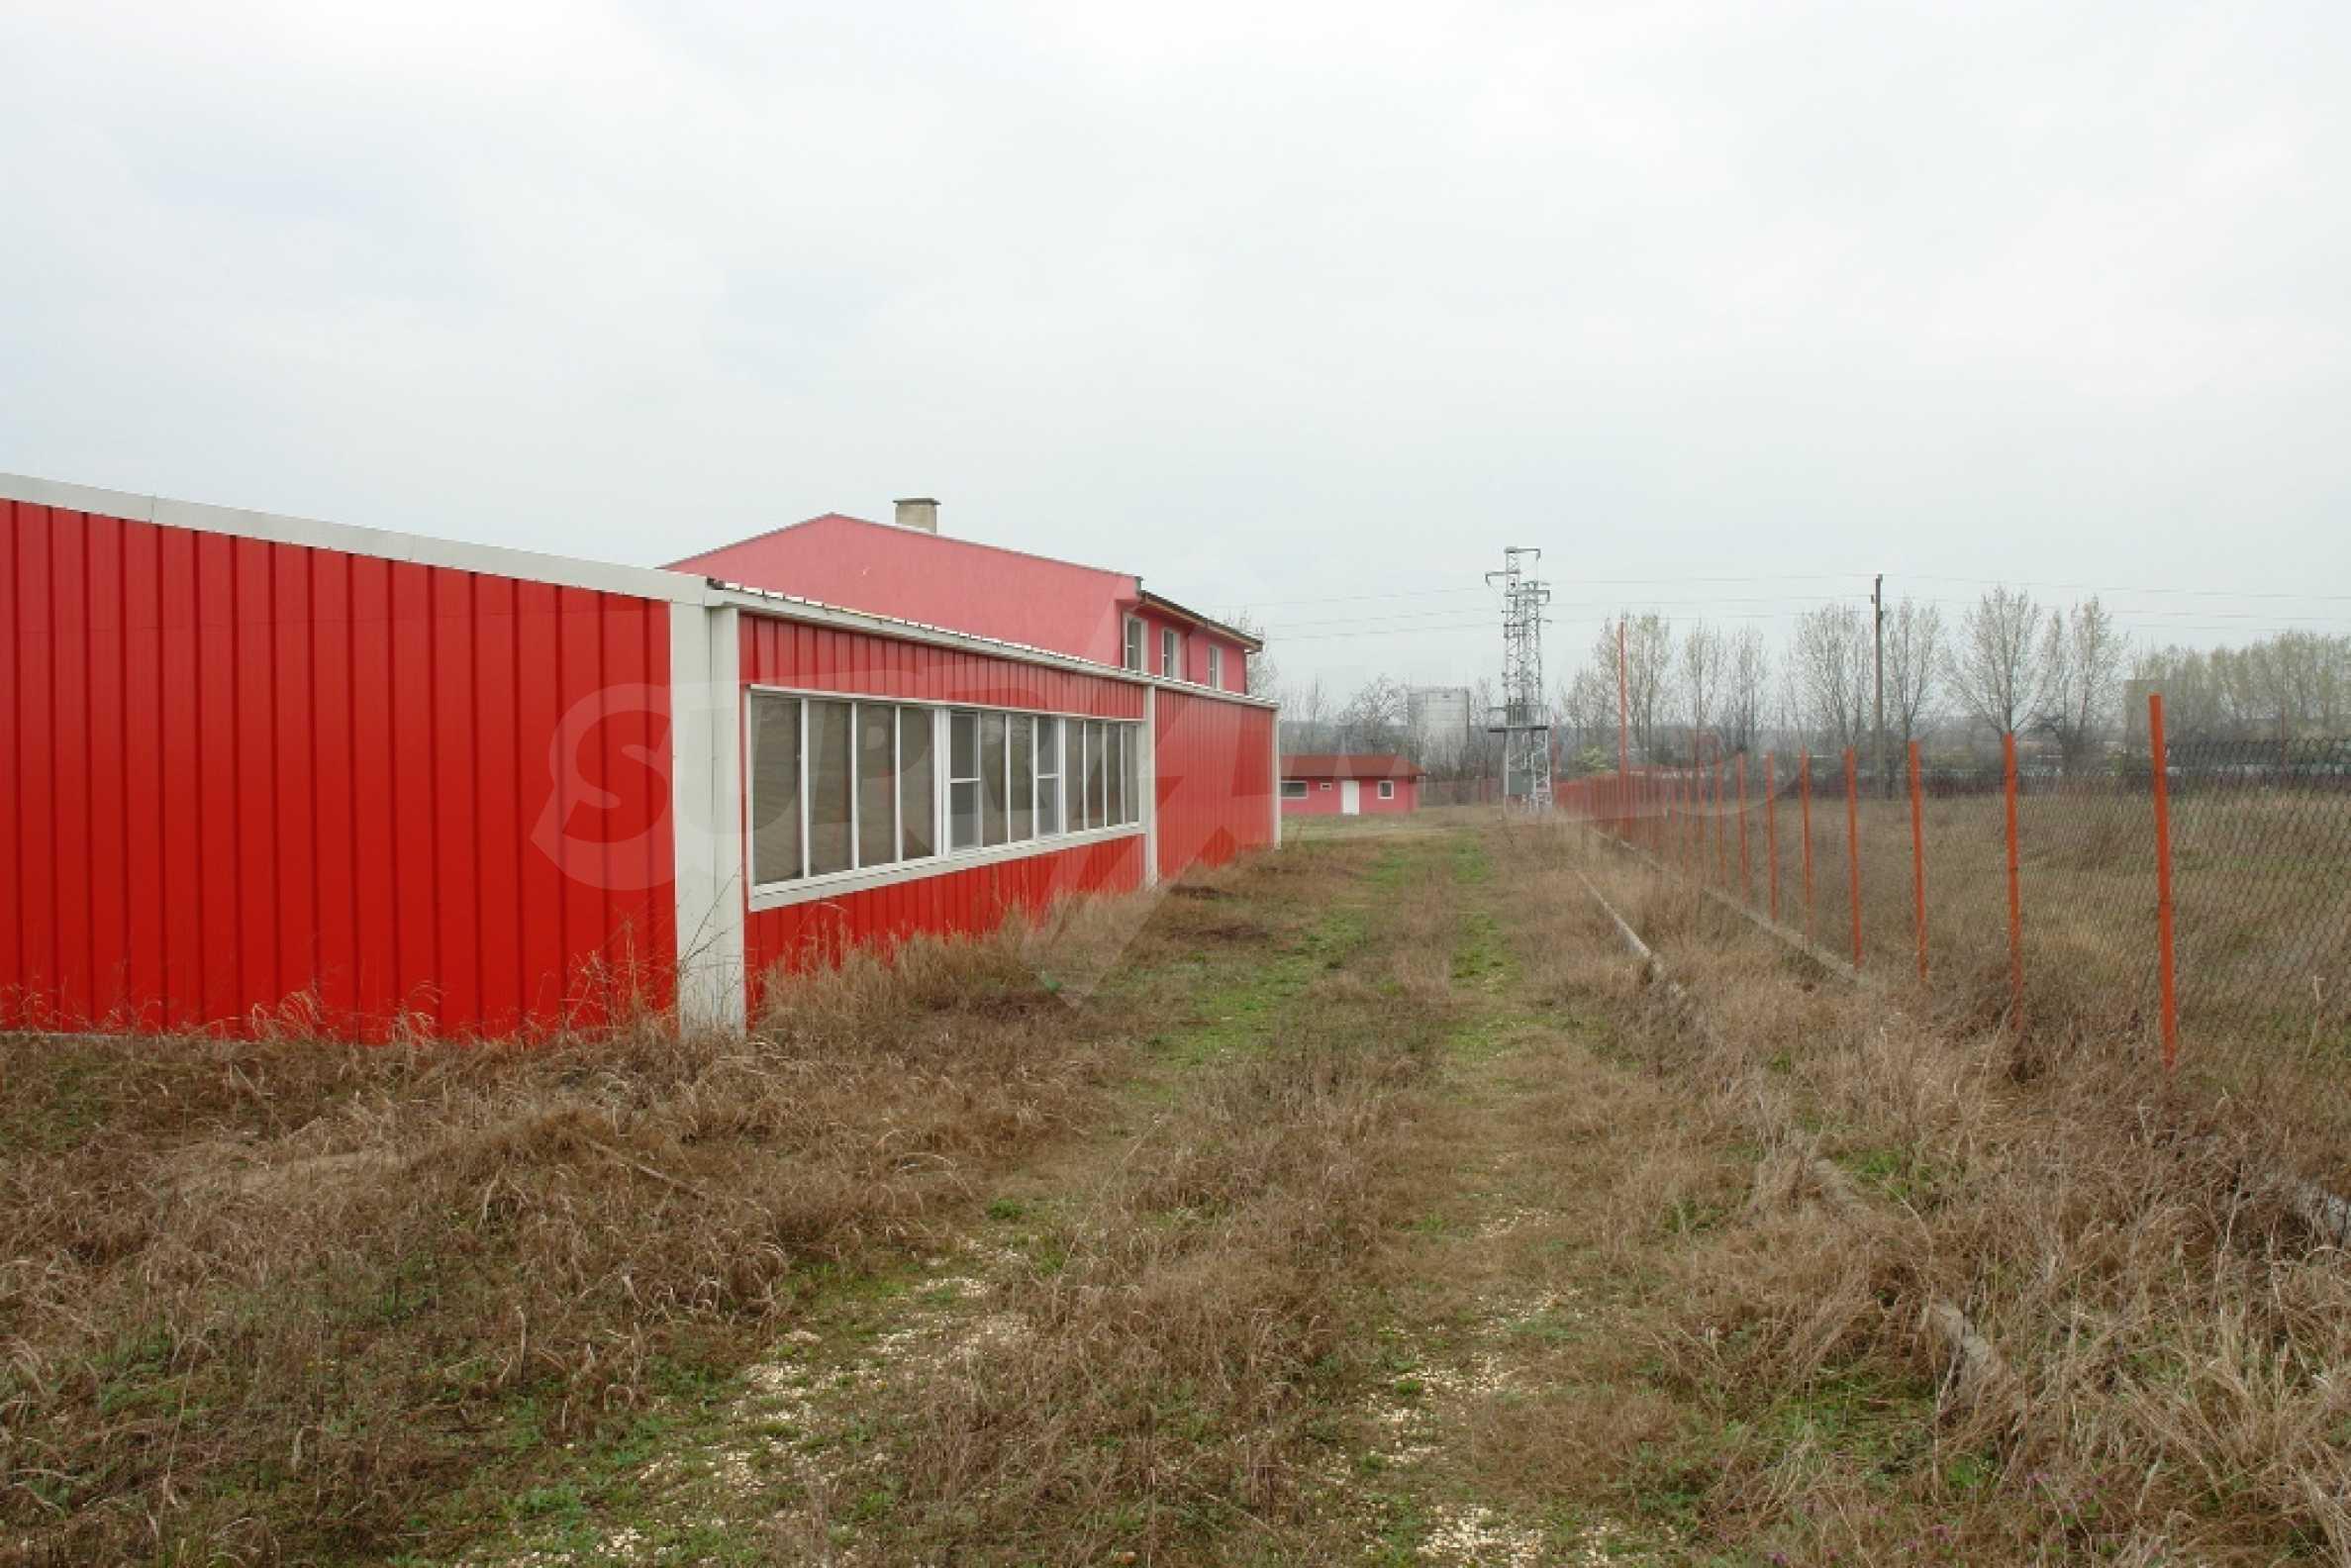 Индустриално-пакетажна база в град Мартен, Русенска област 29